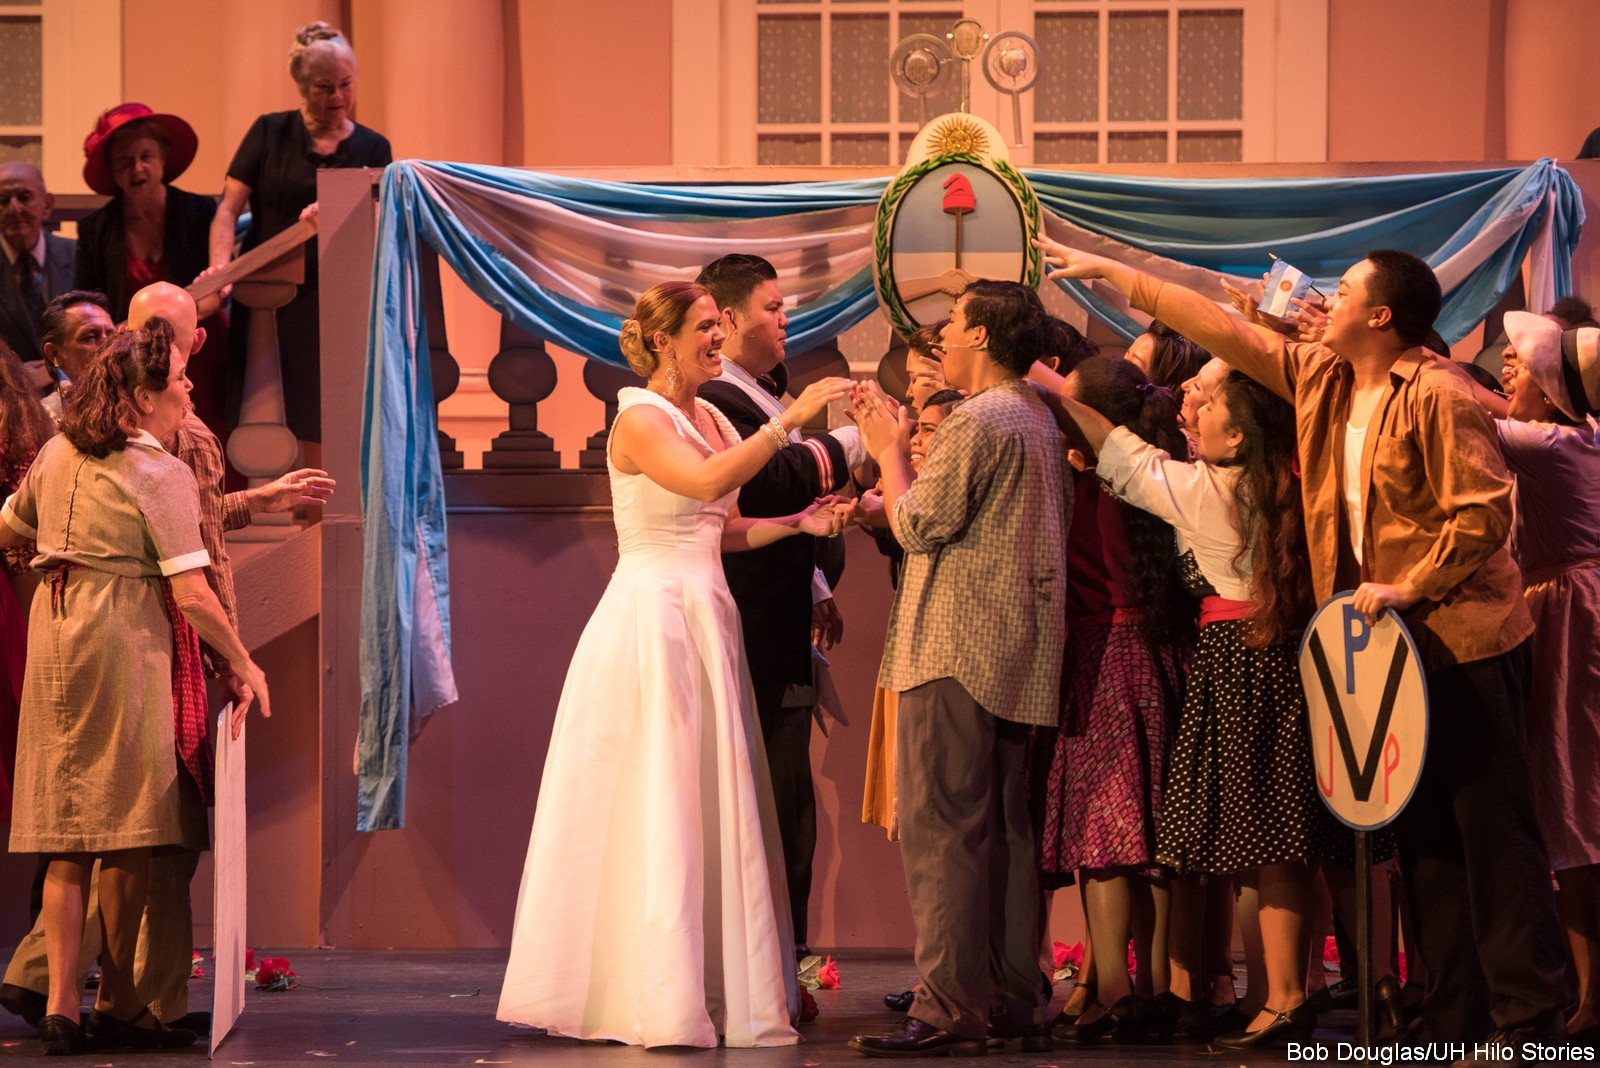 Actors dancing